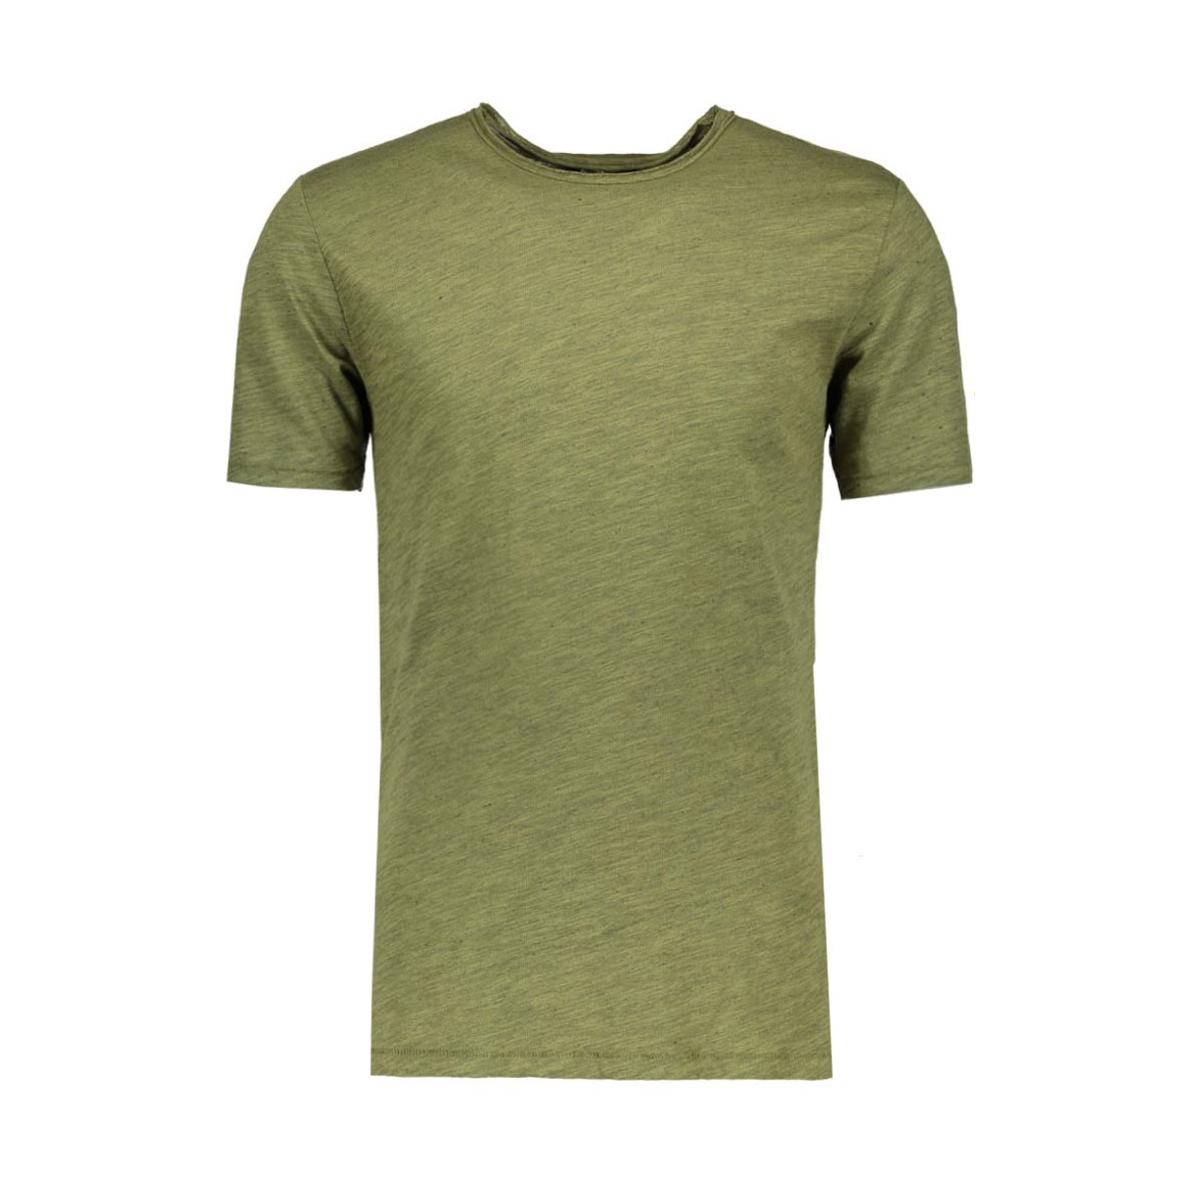 onsalbert new ss tee noos 22005108 only & sons t-shirt loden green